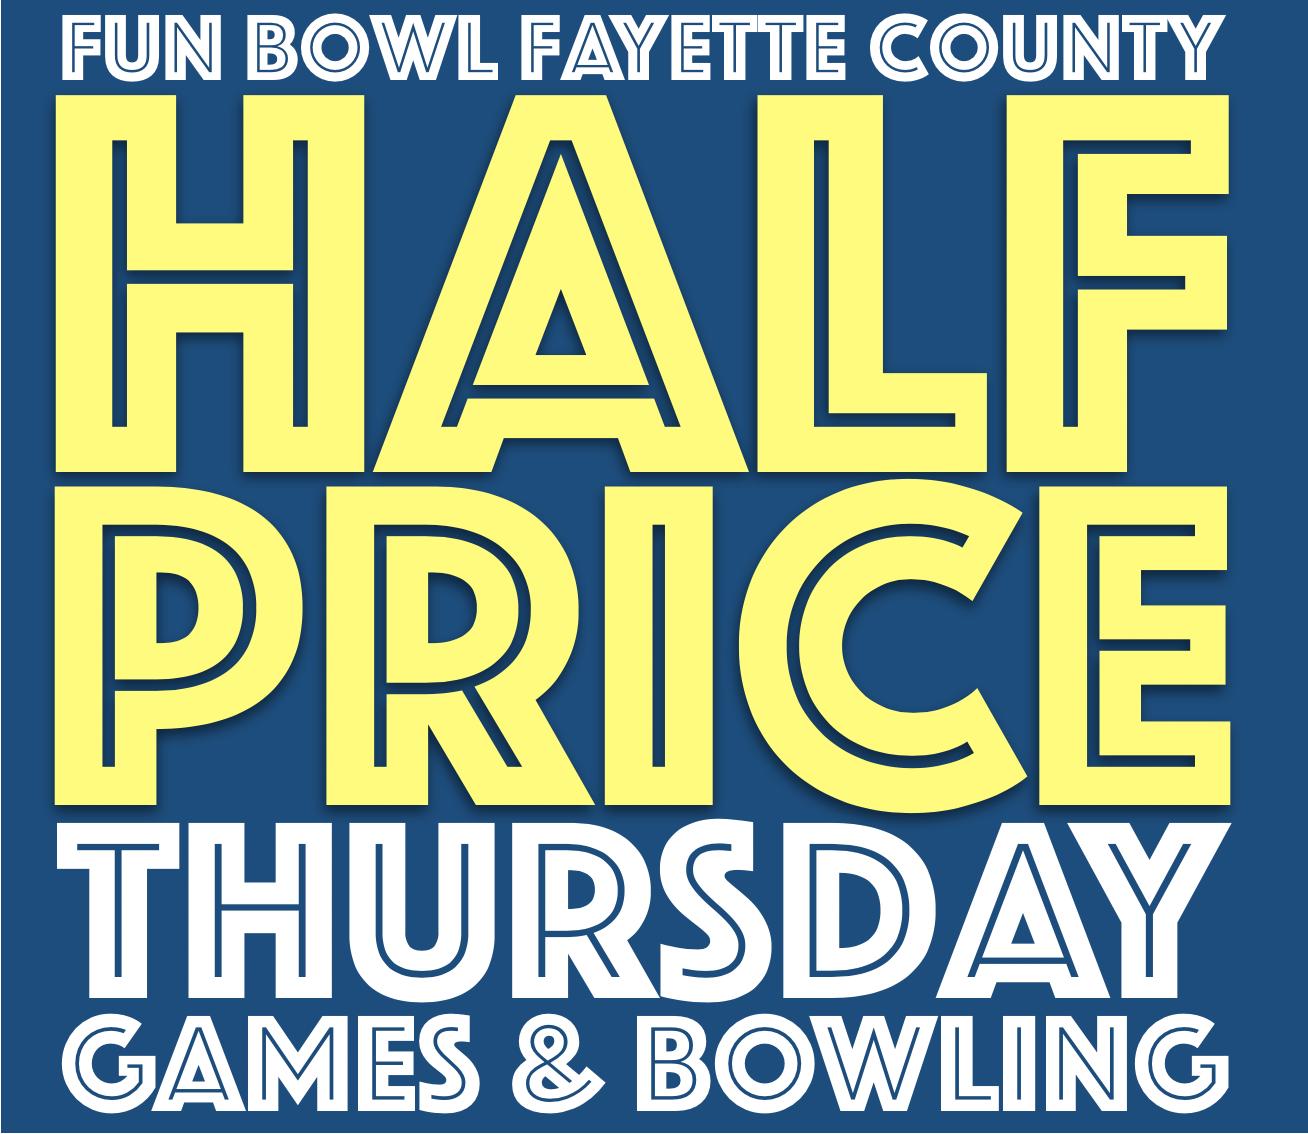 Fun Bowl Fayette County Half Price Thursday Logo